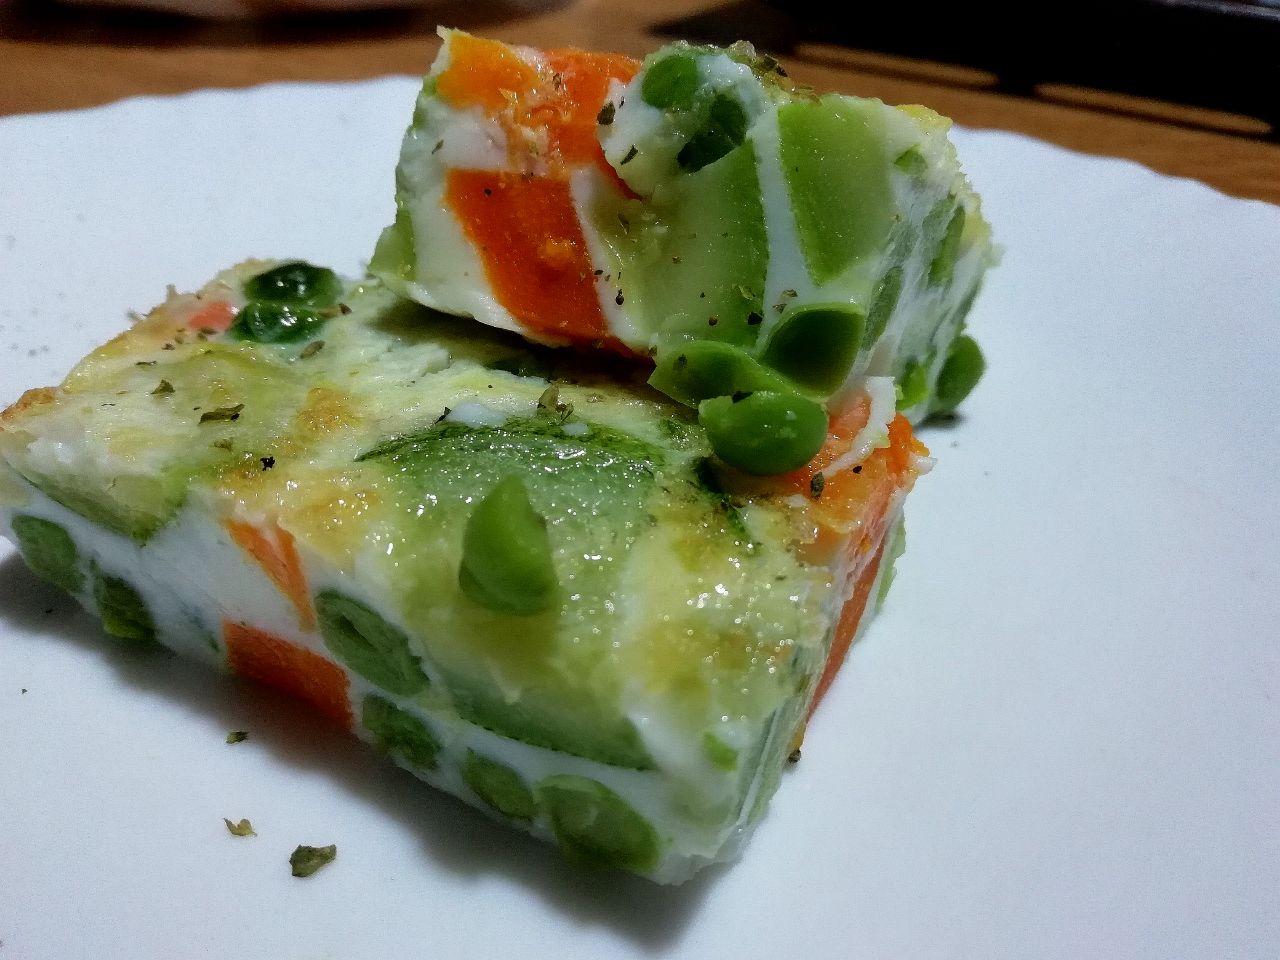 Ricette leggere economiche: sformato piselli, zucchine e carote!